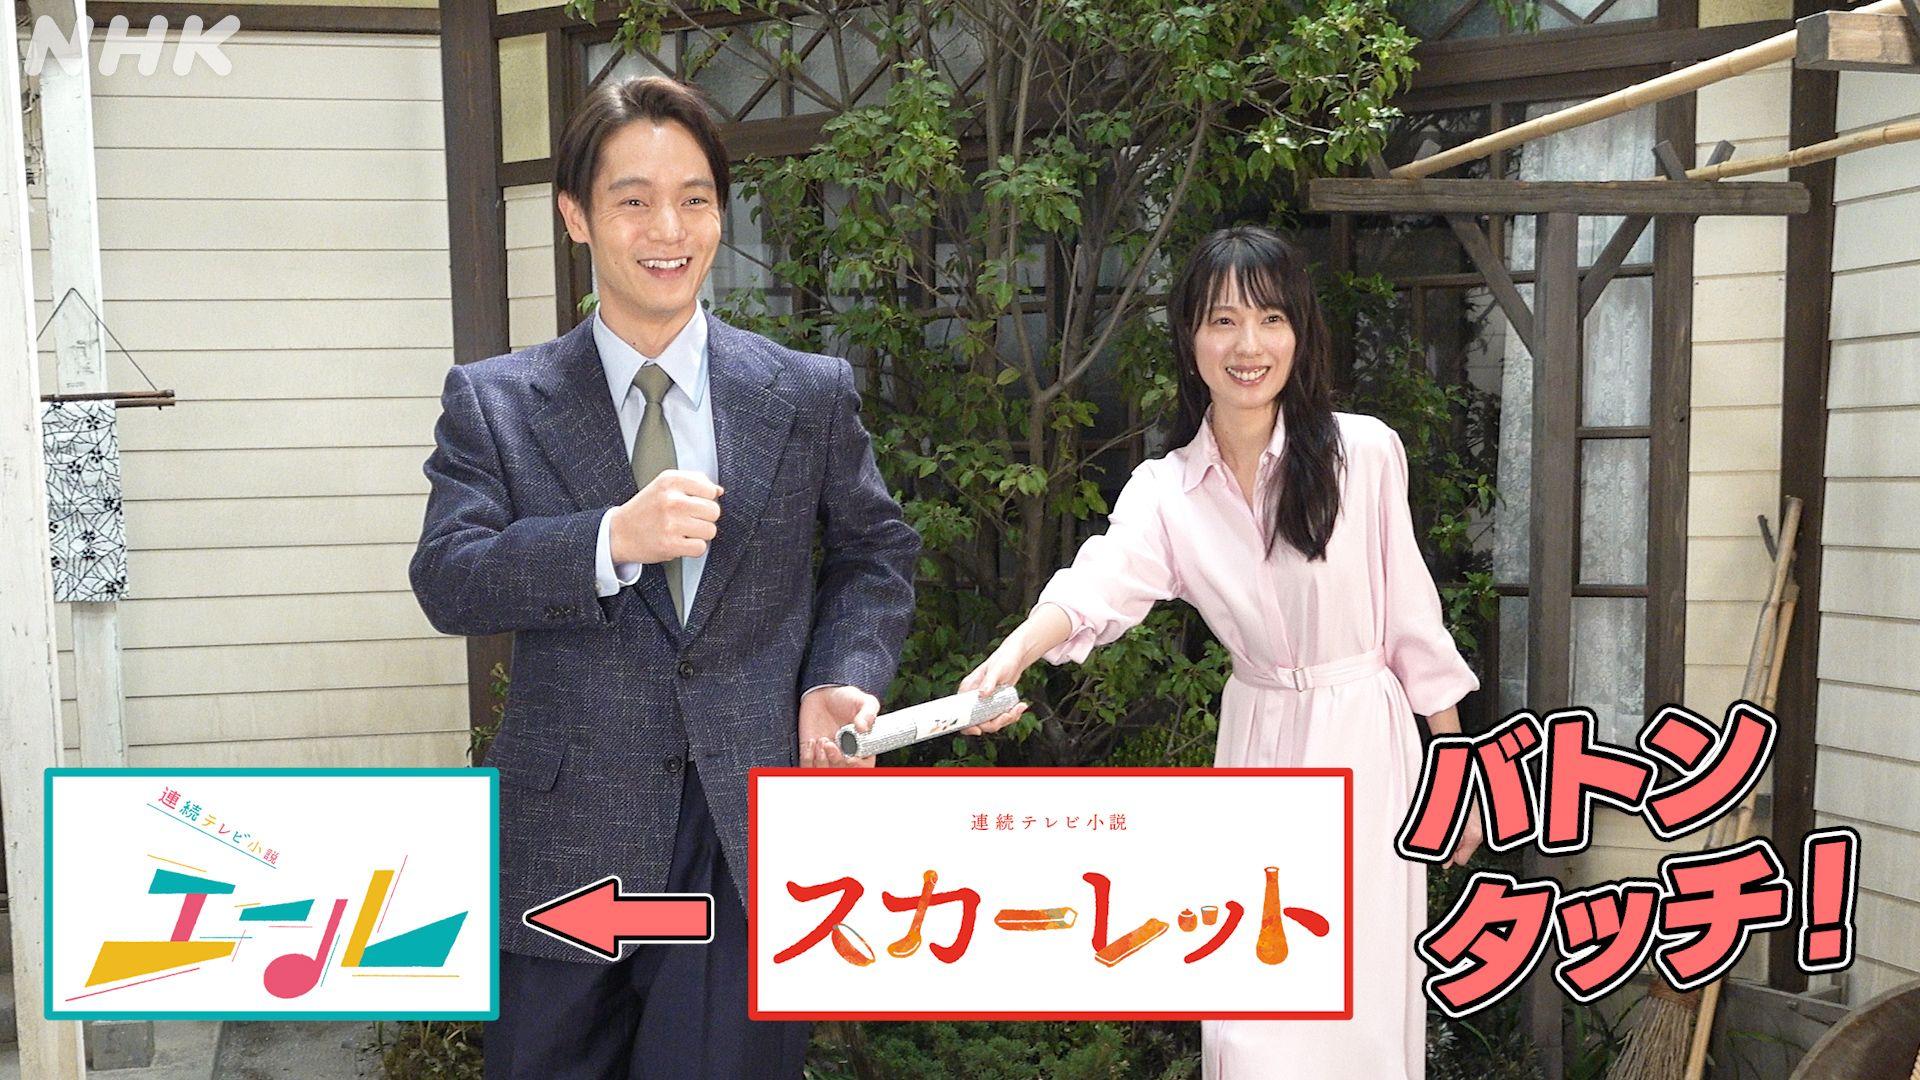 正孝 窪田 共演 恵梨香 戸田